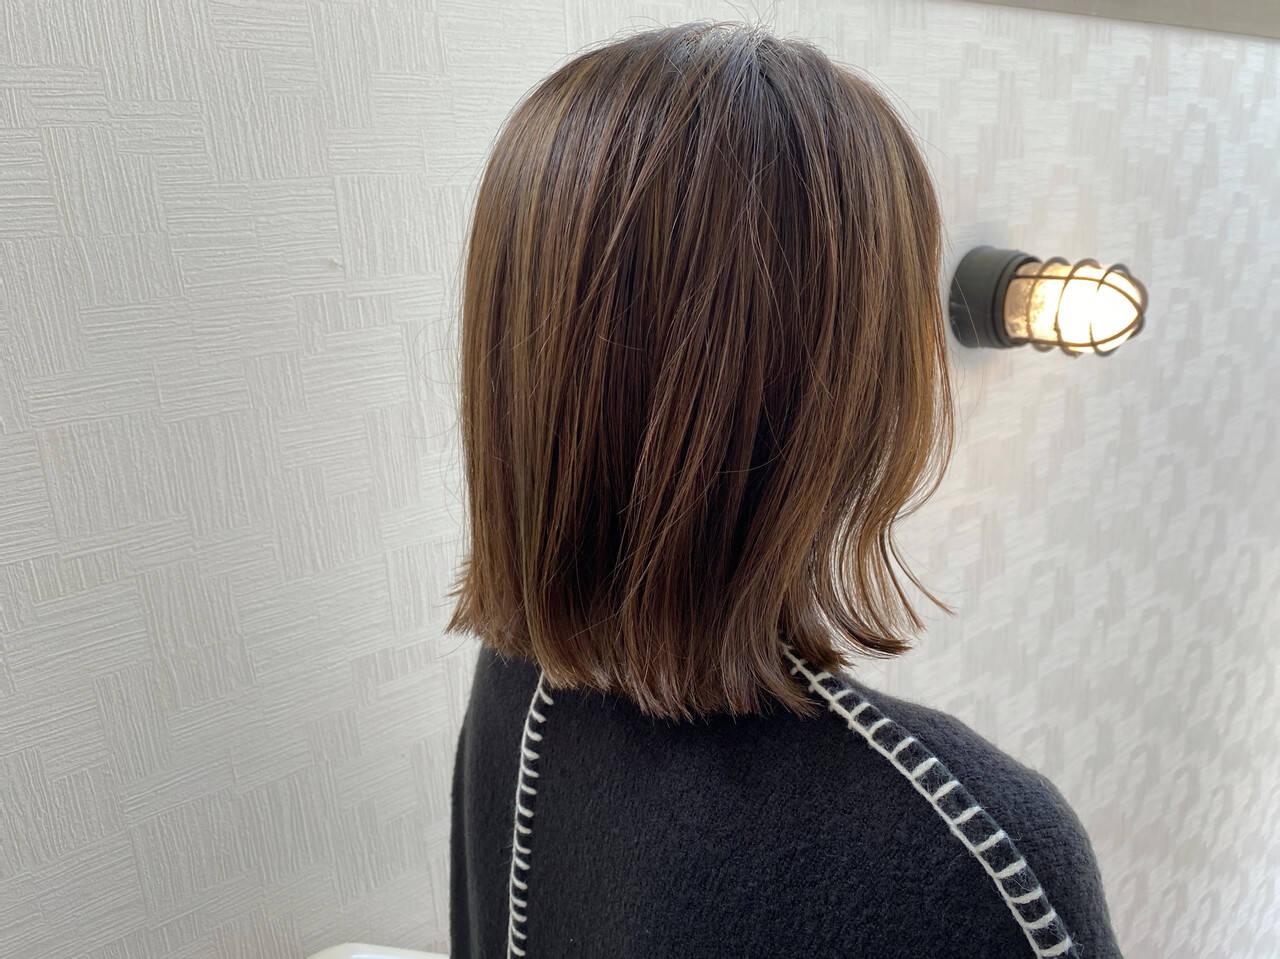 ボブ 切りっぱなしボブ オリーブグレージュ オリーブベージュヘアスタイルや髪型の写真・画像